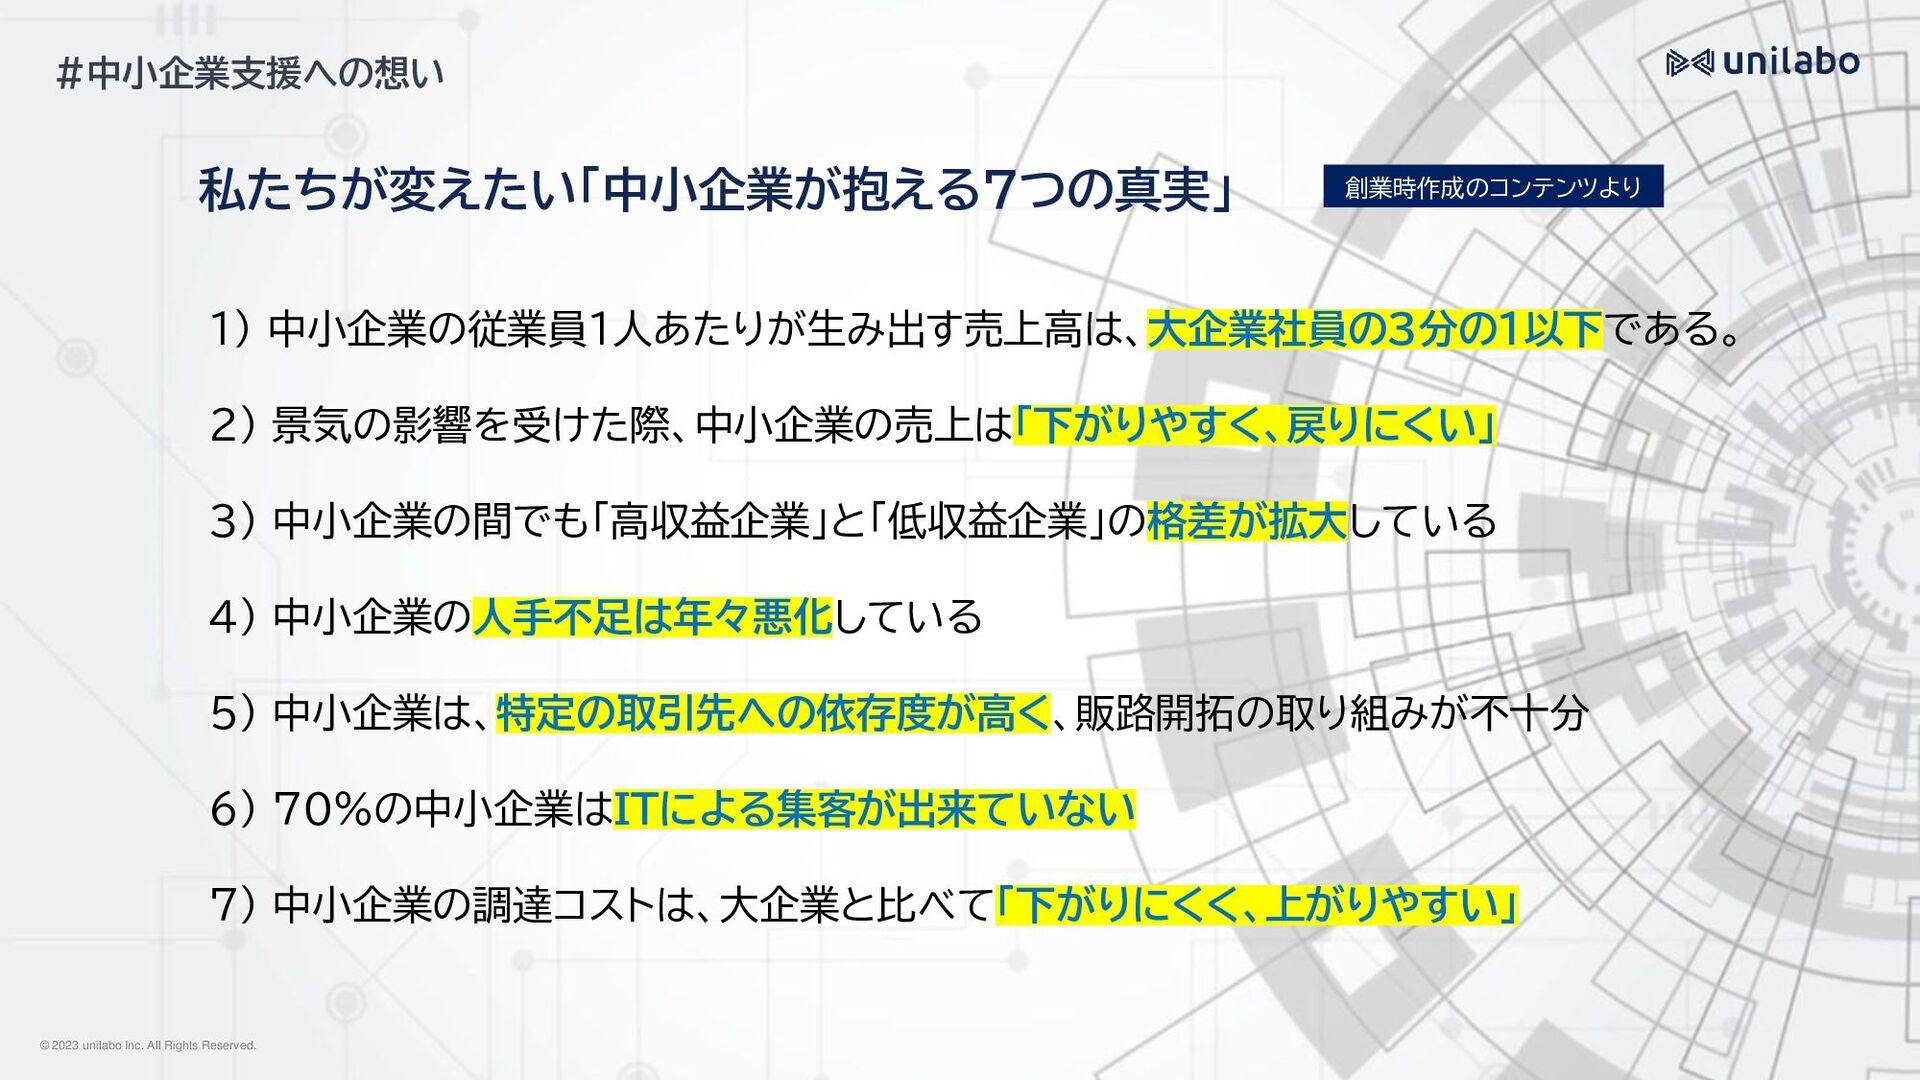 #提供サービス 「日本最大級のBtoB受発注プラットフォーム」